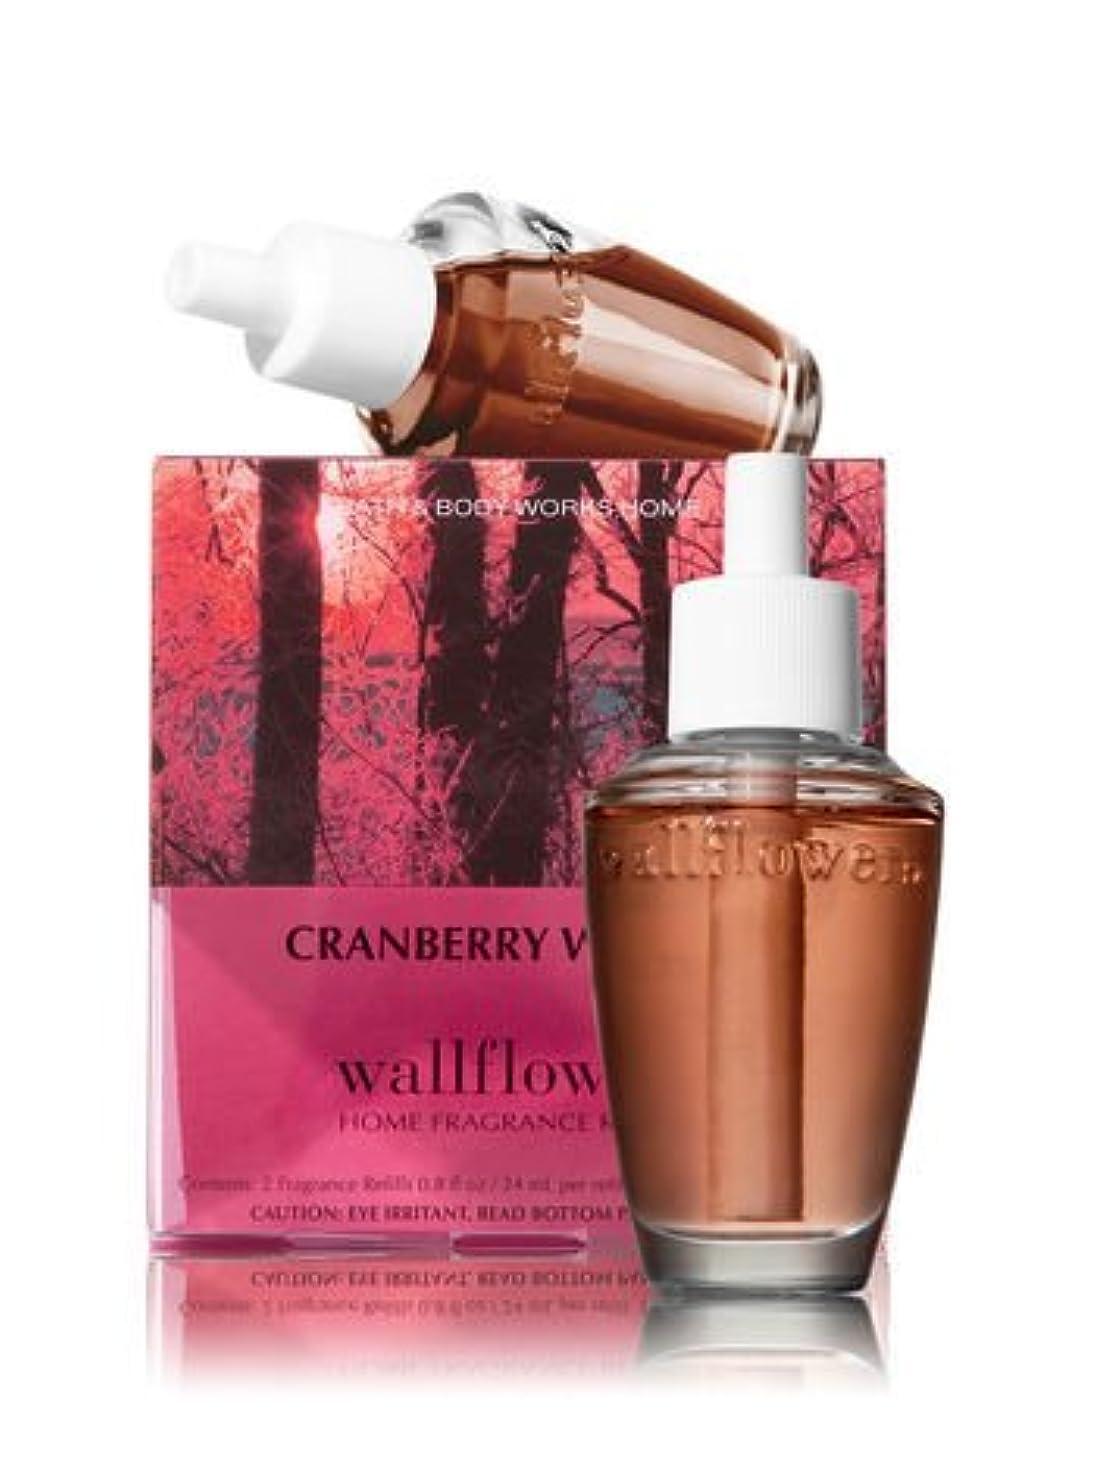 操作スリンク出版【Bath&Body Works/バス&ボディワークス】 ルームフレグランス 詰替えリフィル(2個入り) クランベリーウッズ Wallflowers Home Fragrance 2-Pack Refills Cranberry Woods [並行輸入品]